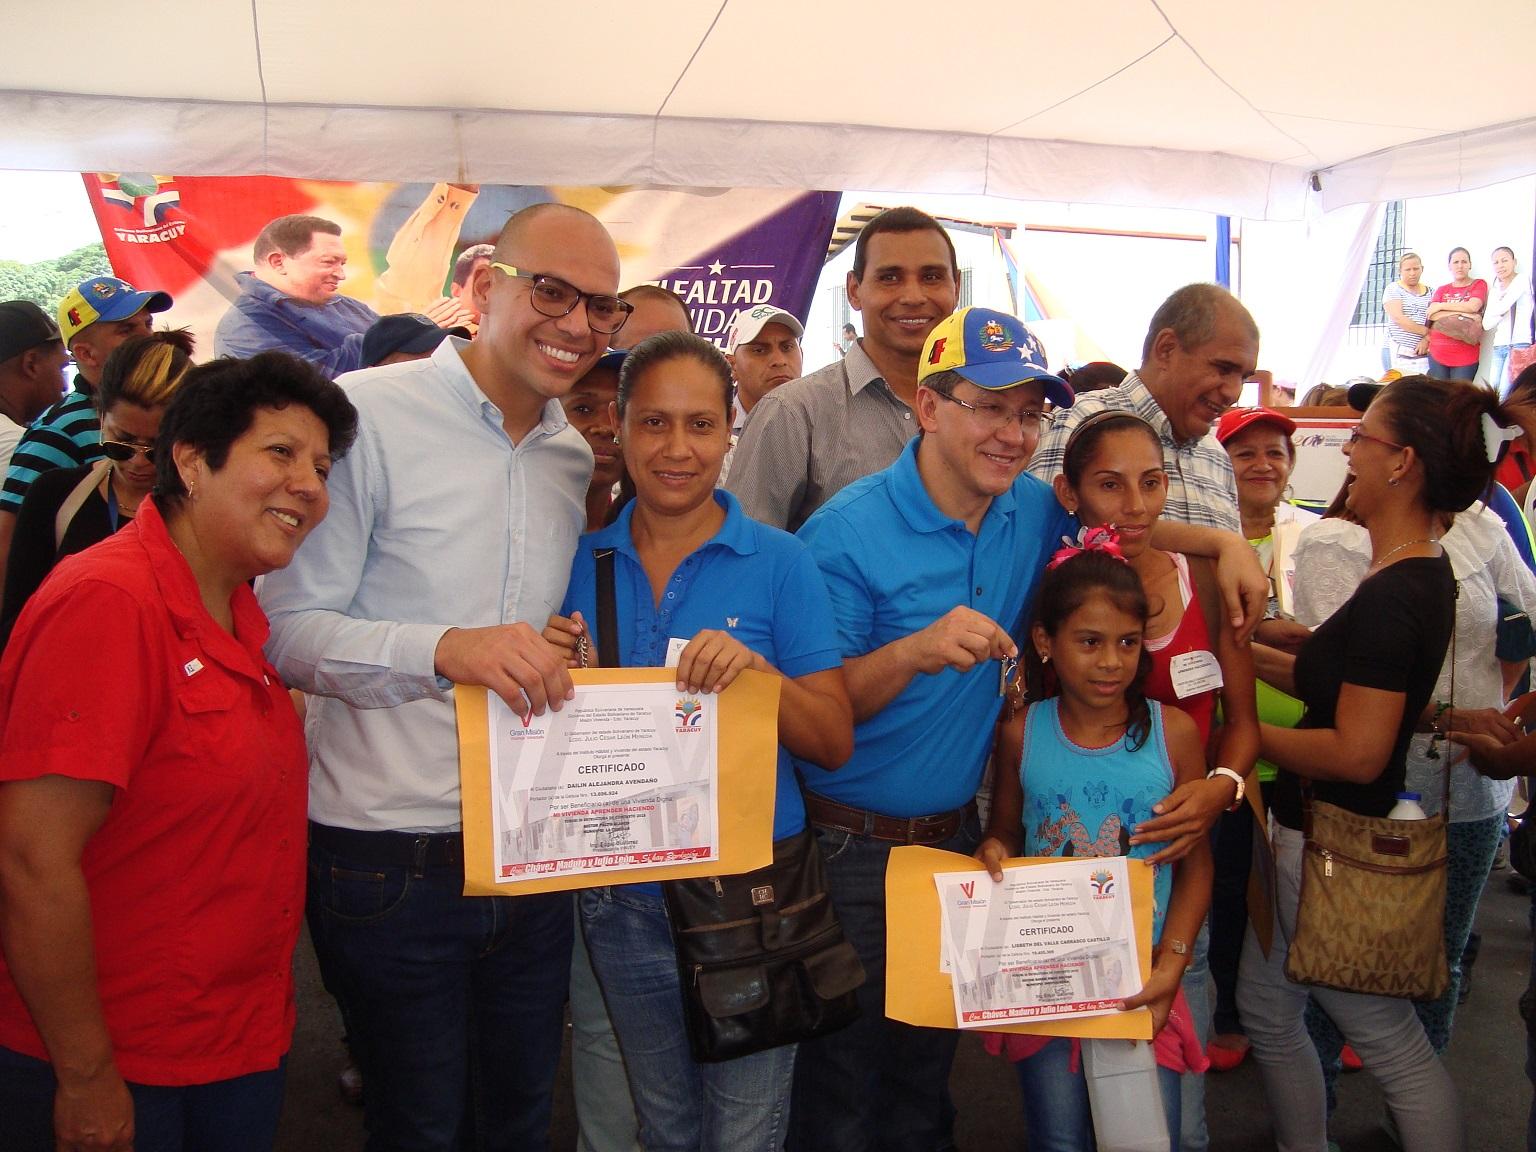 Gobernador Julio León y Alcalde José Mujica entregaron 35 casas dignas en urbanismo San José